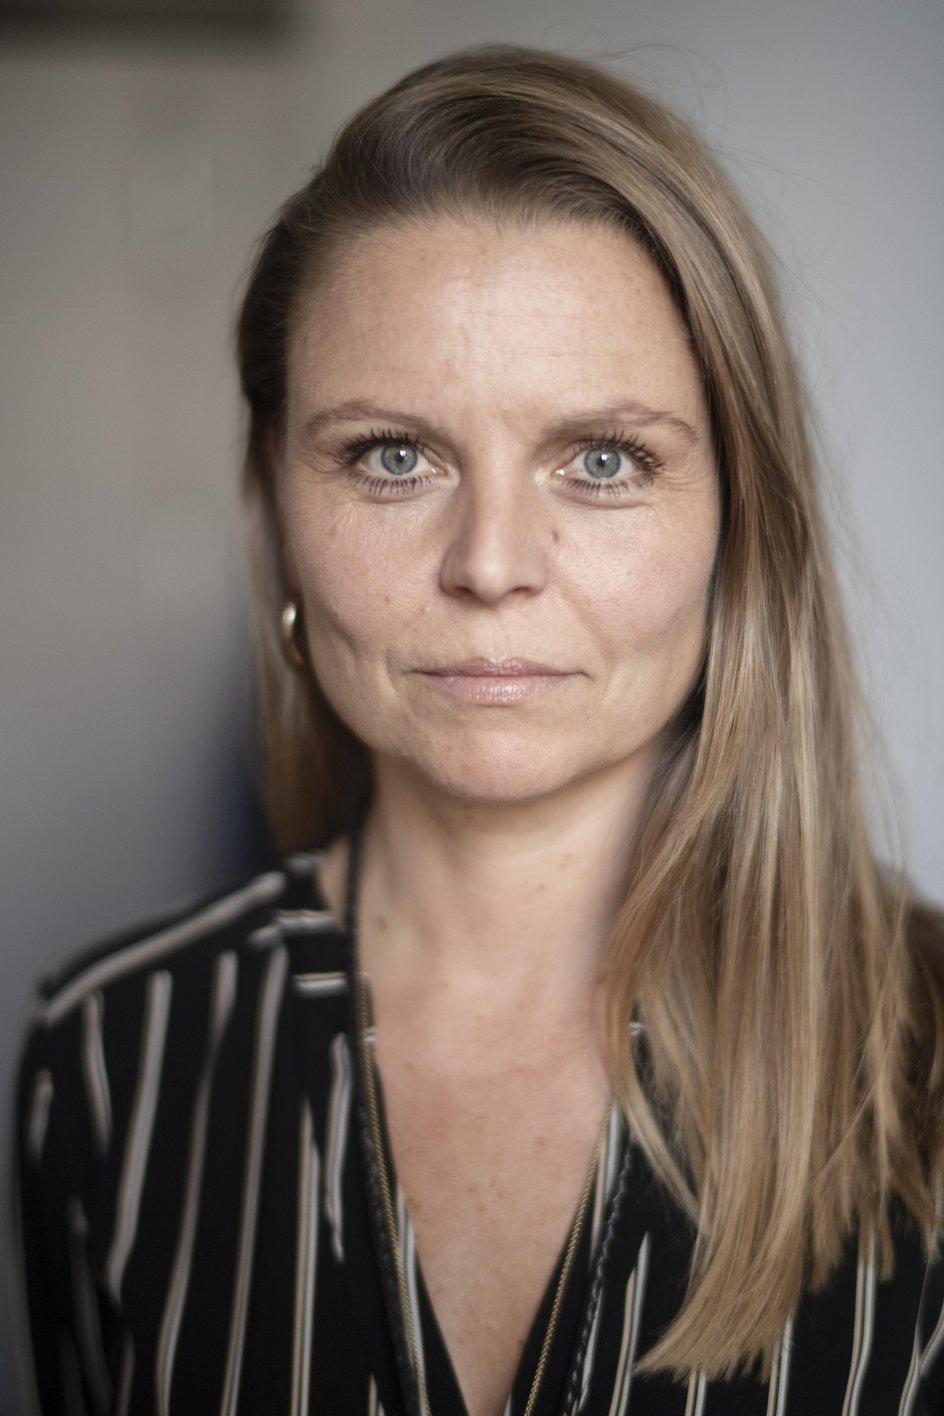 Lotte Blicher Mørk, født i 1973, er præst på Rigshos-pitalet og forfatter. – Foto: Julie Meldhede Kristensen.